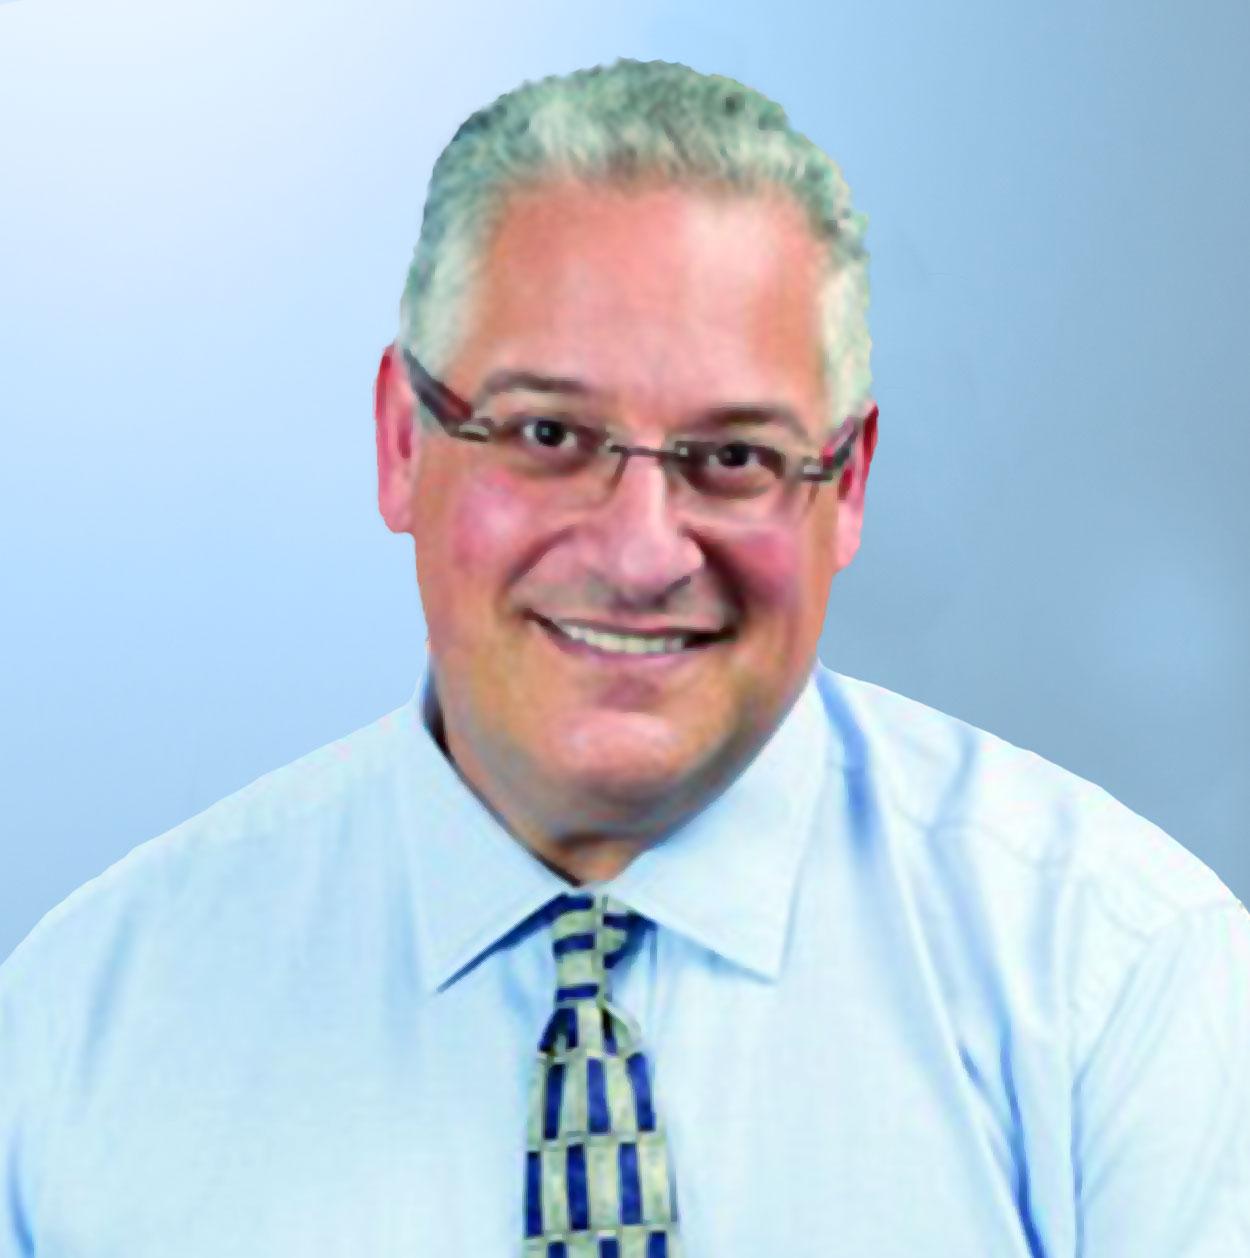 David Zelig, DDS